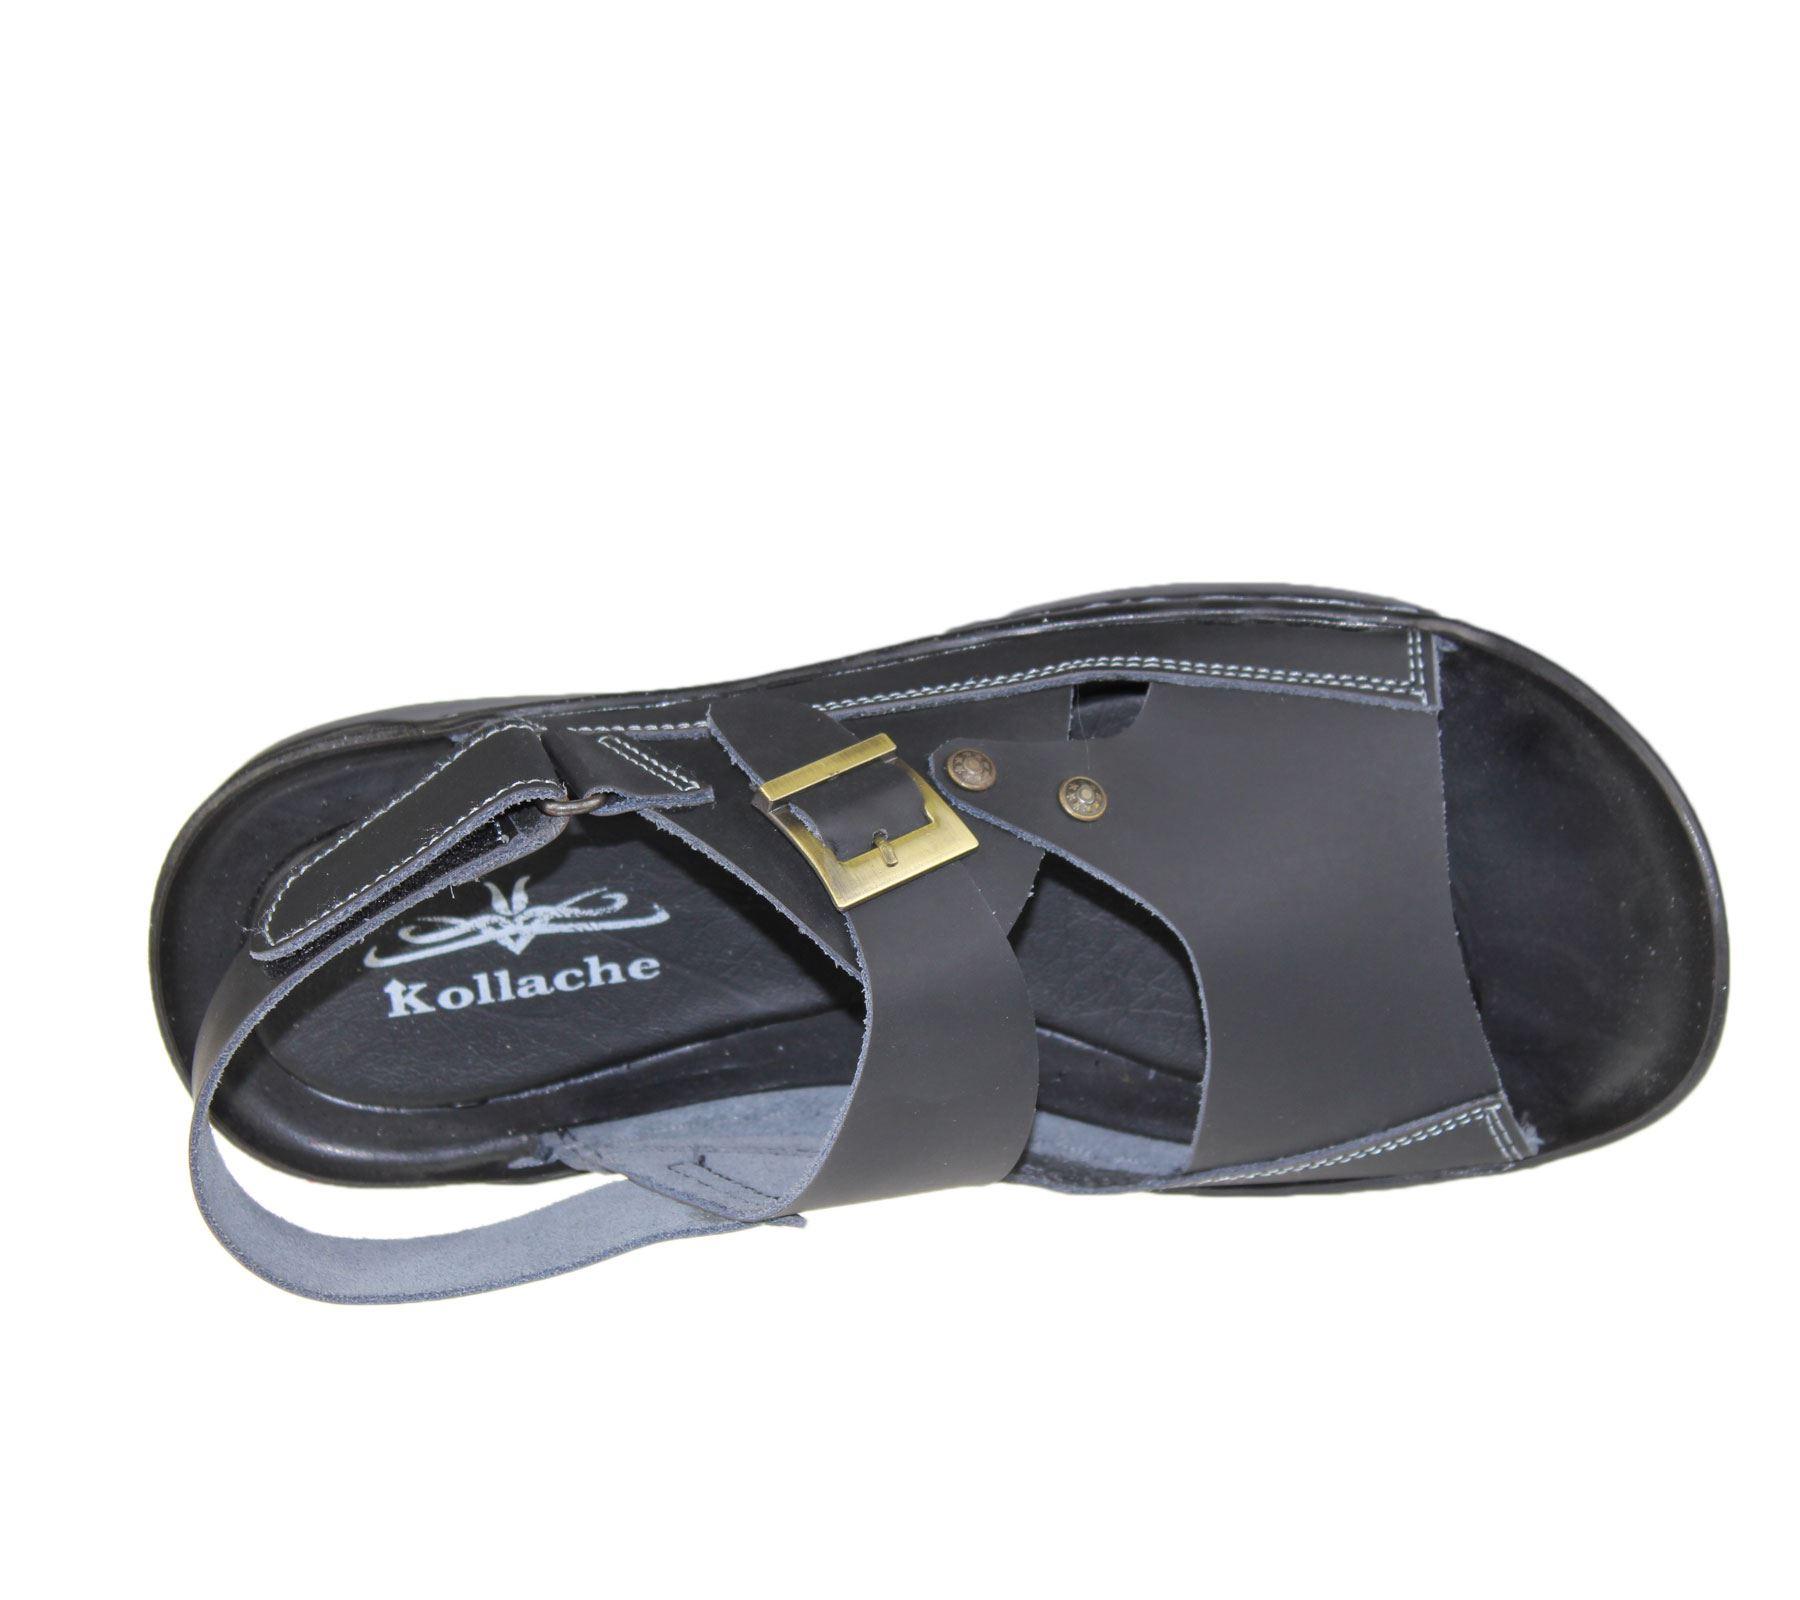 9204396ea0ca Mens Sandals Casual Walking Beach Slipper Beach Summer Fashion Flip ...